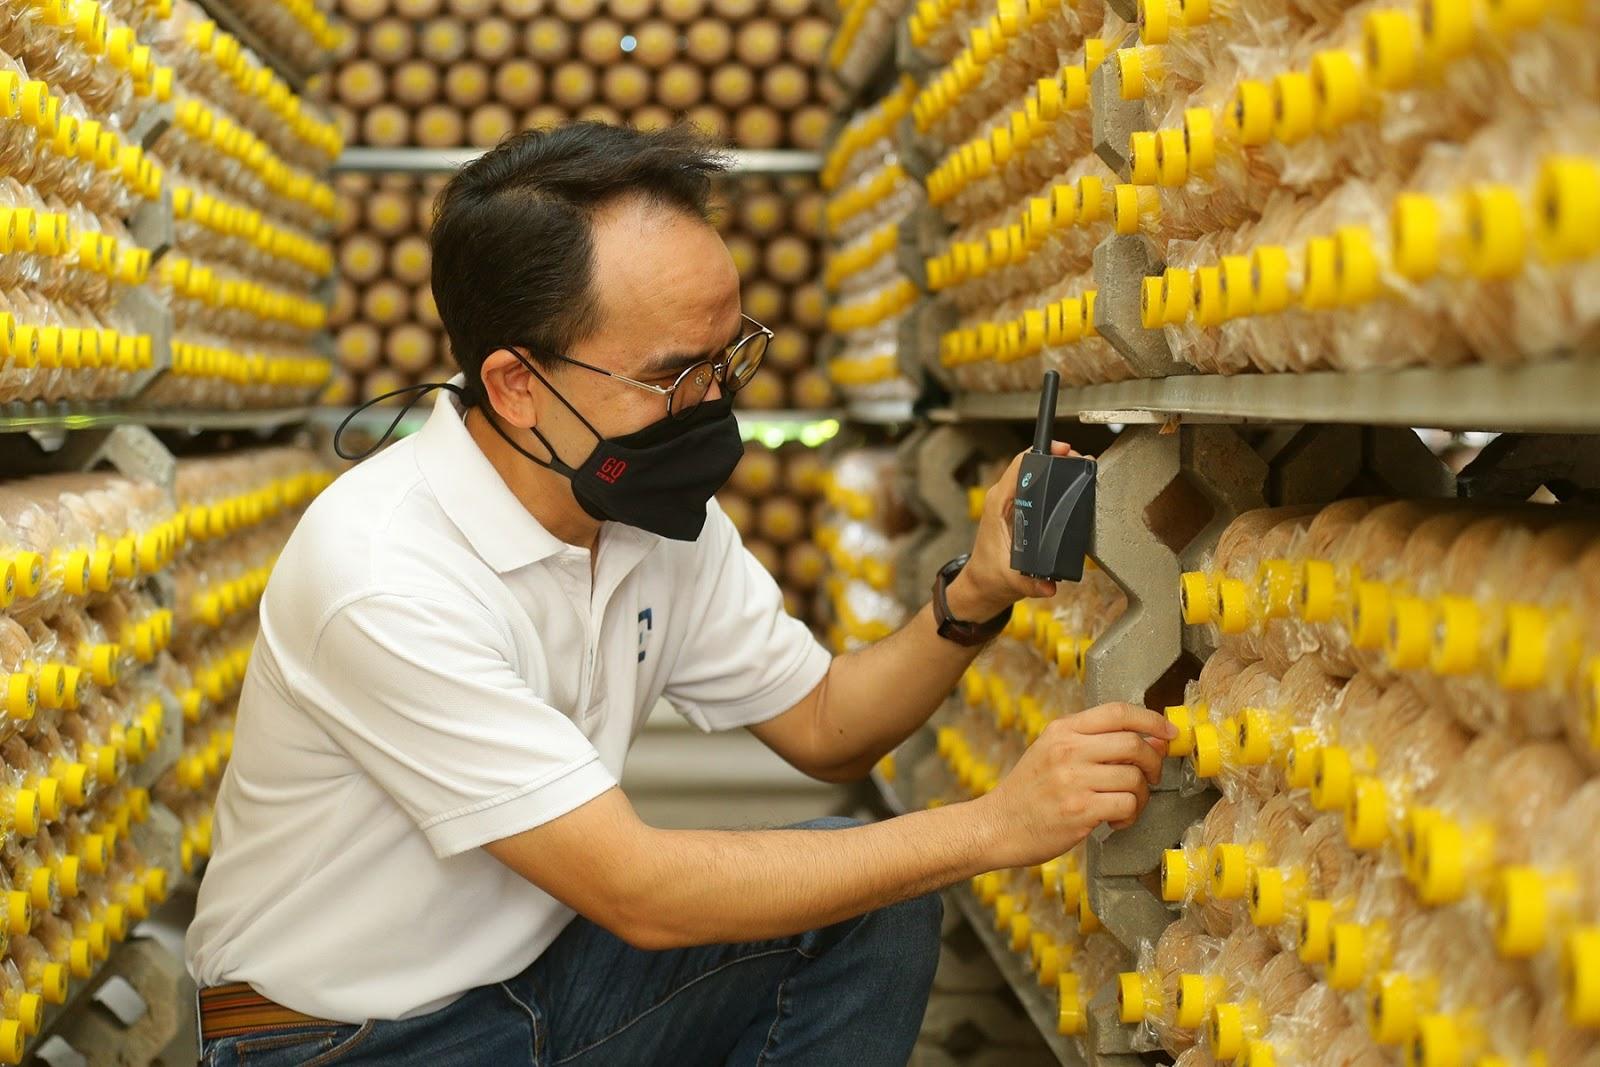 3 พันธมิตรร่วมพลิกโฉมเกษตรชุมชนสู่ Smart Farming เกษตรอัจฉริยะไทยก้าวไกลสู่ครัวโลก